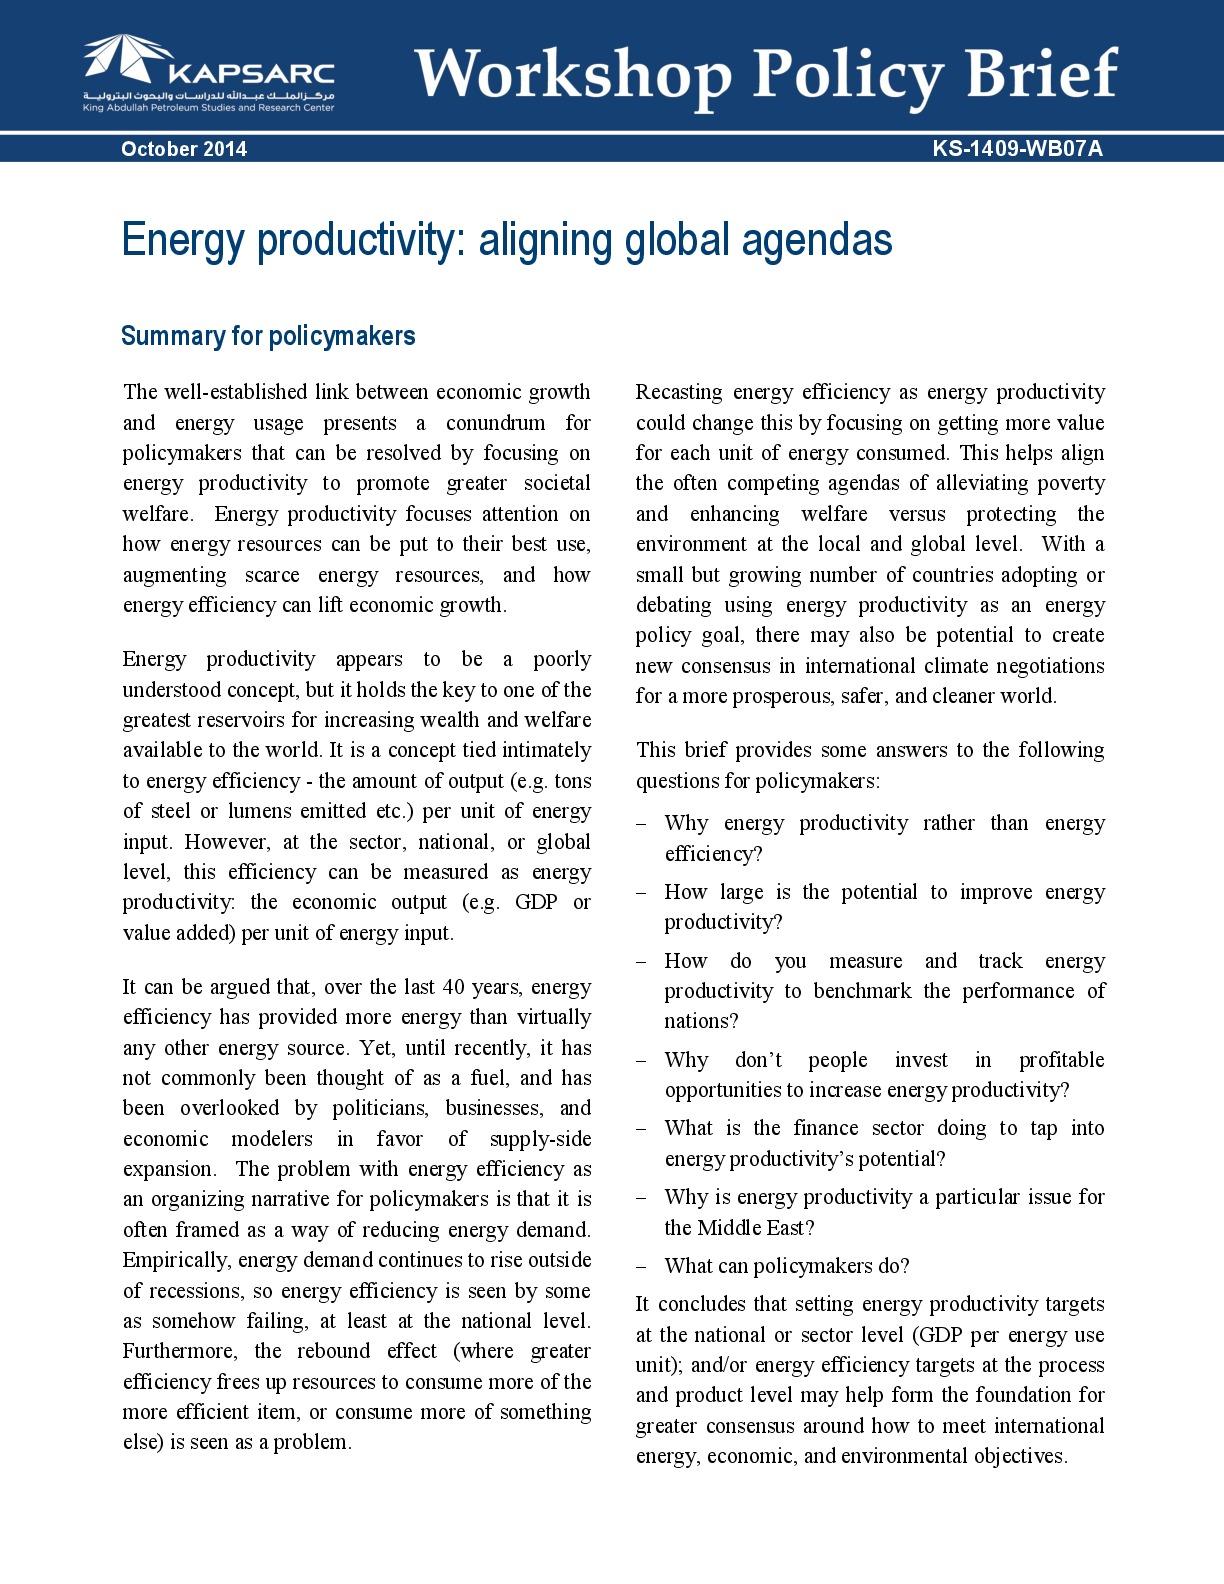 Energy productivity: aligning global agendas